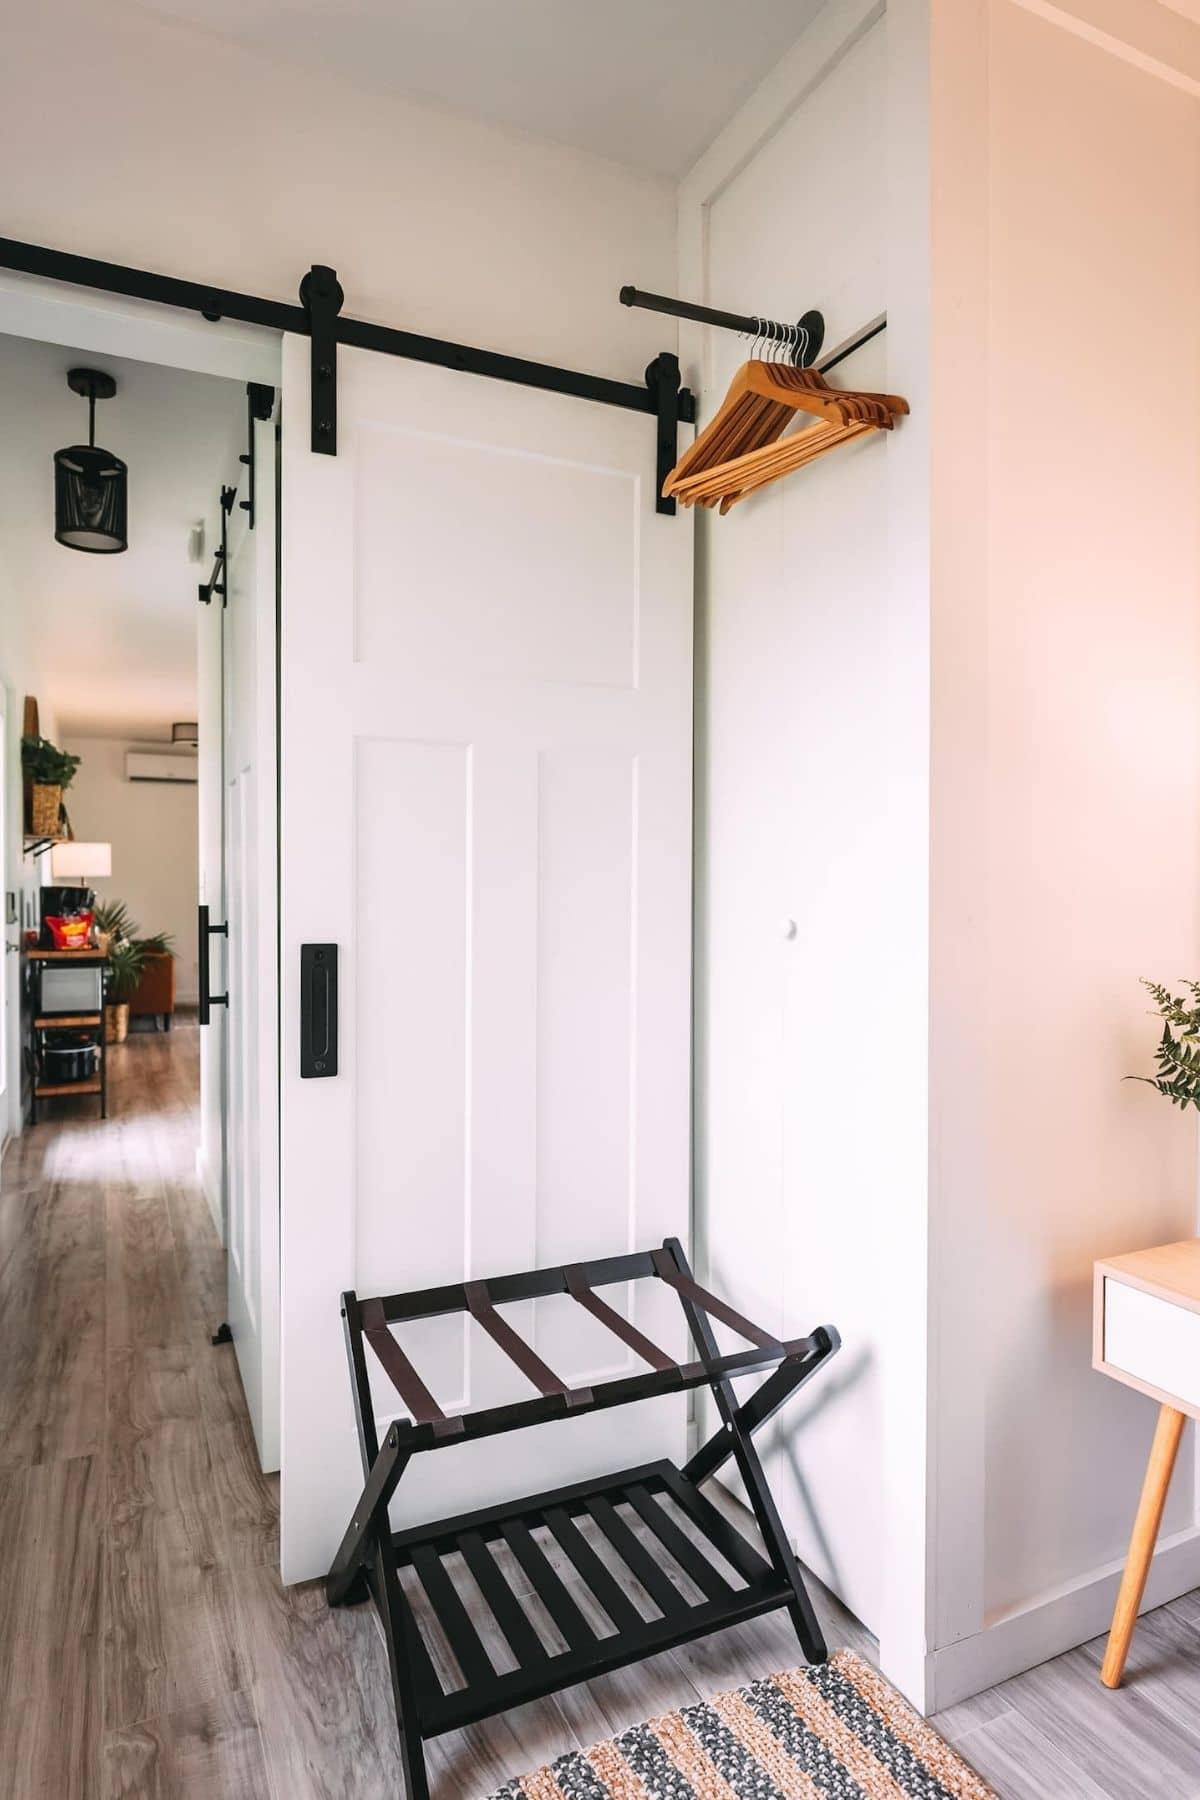 Barn door style bedroom door with rod and hangers at ceailing